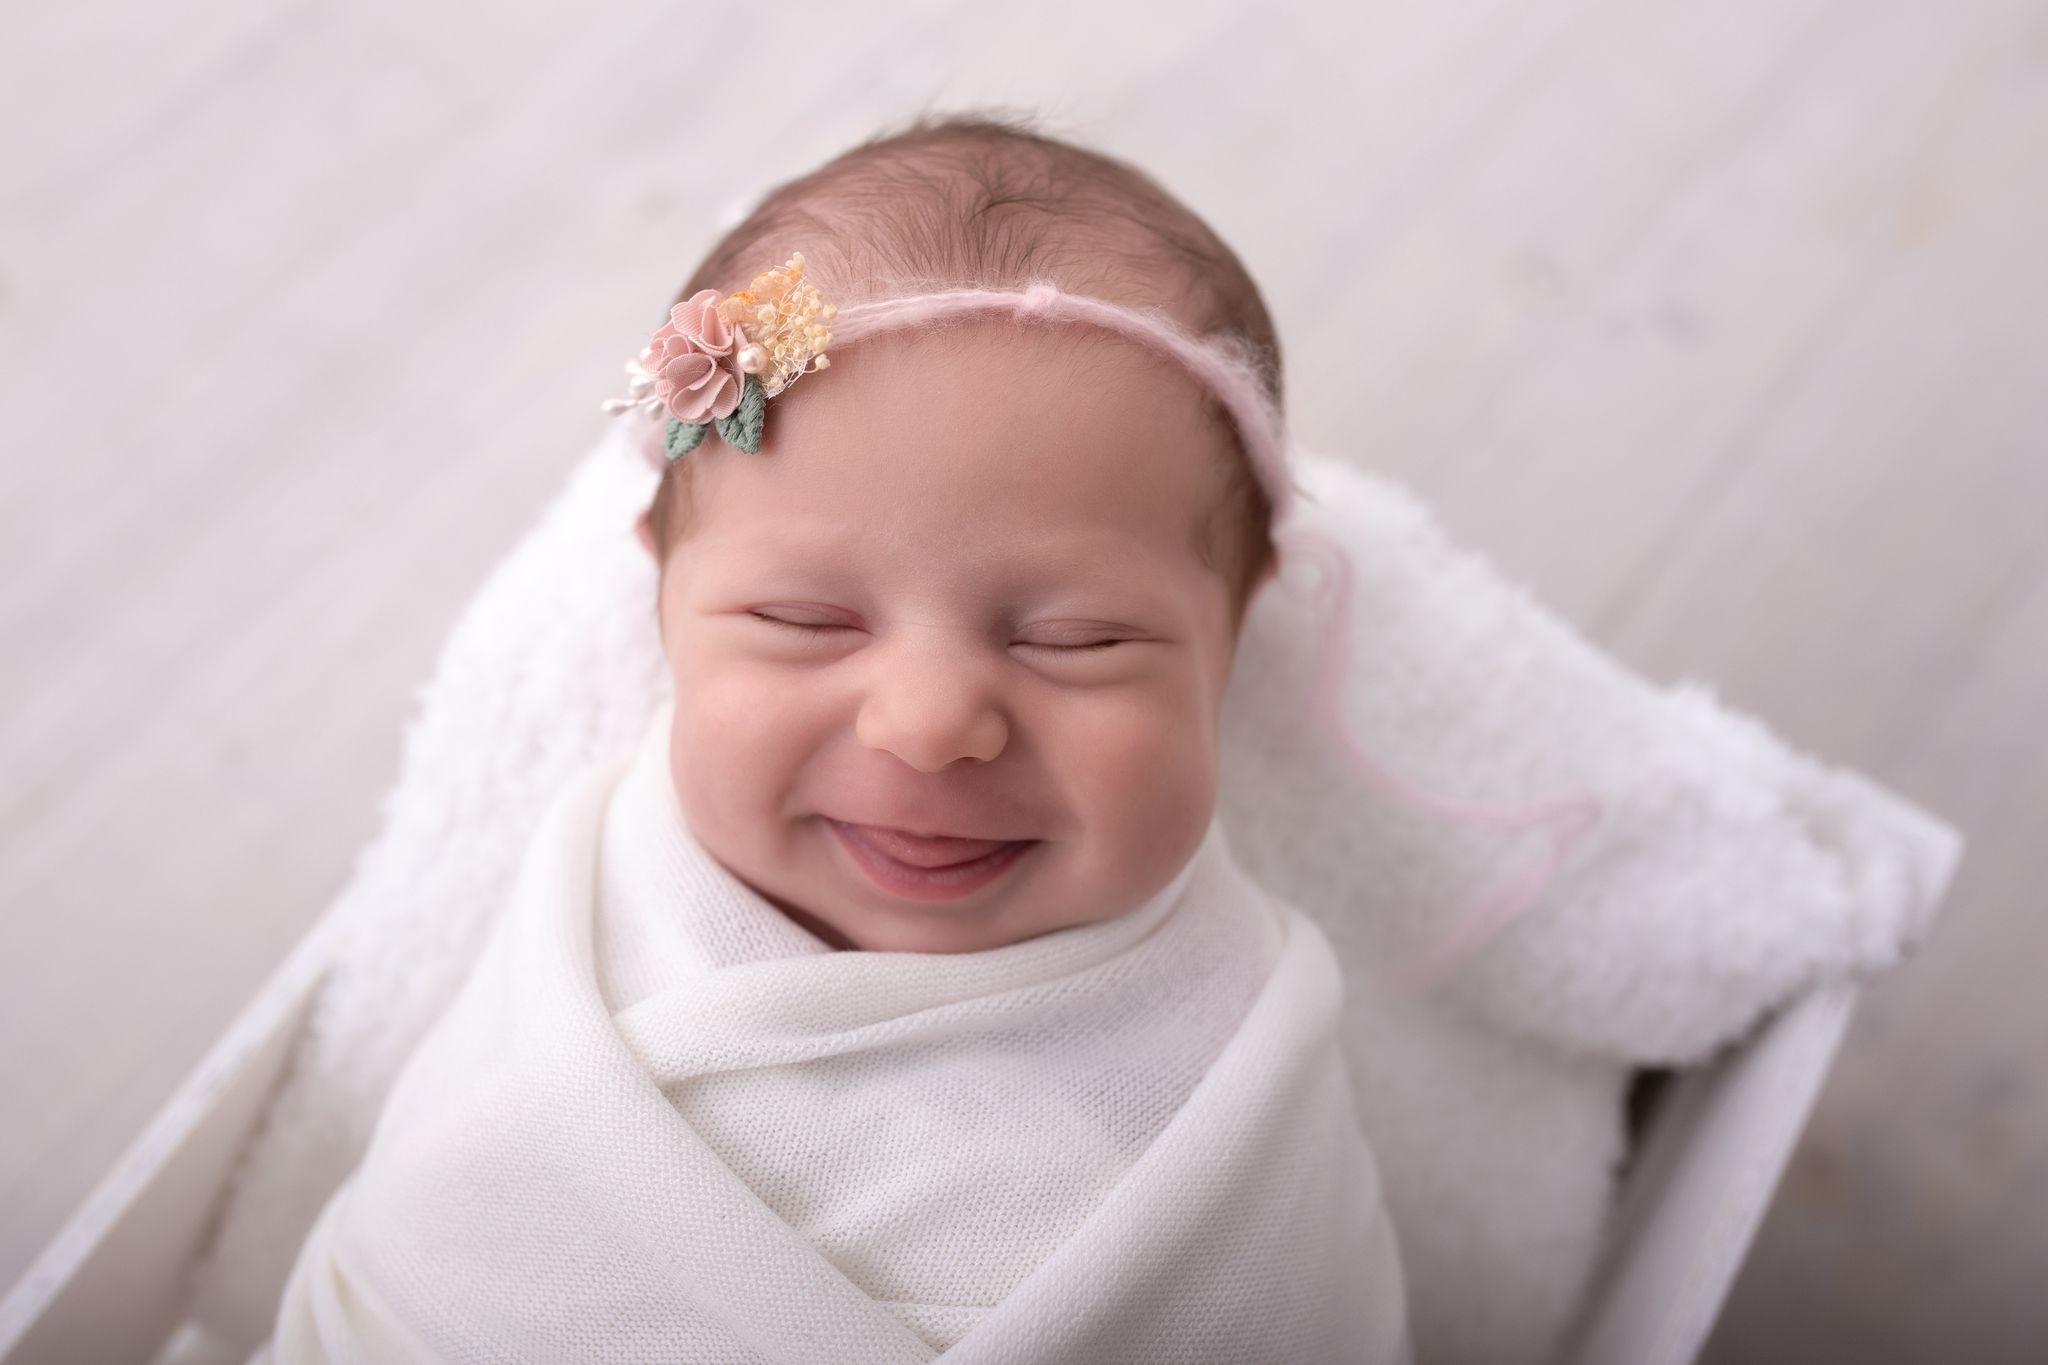 lächelndes kleines Neugeborenen Mädchen führt dich in die Produktwelt der Alben, Rahmen, Holzblöcke von Zisch-Ortner